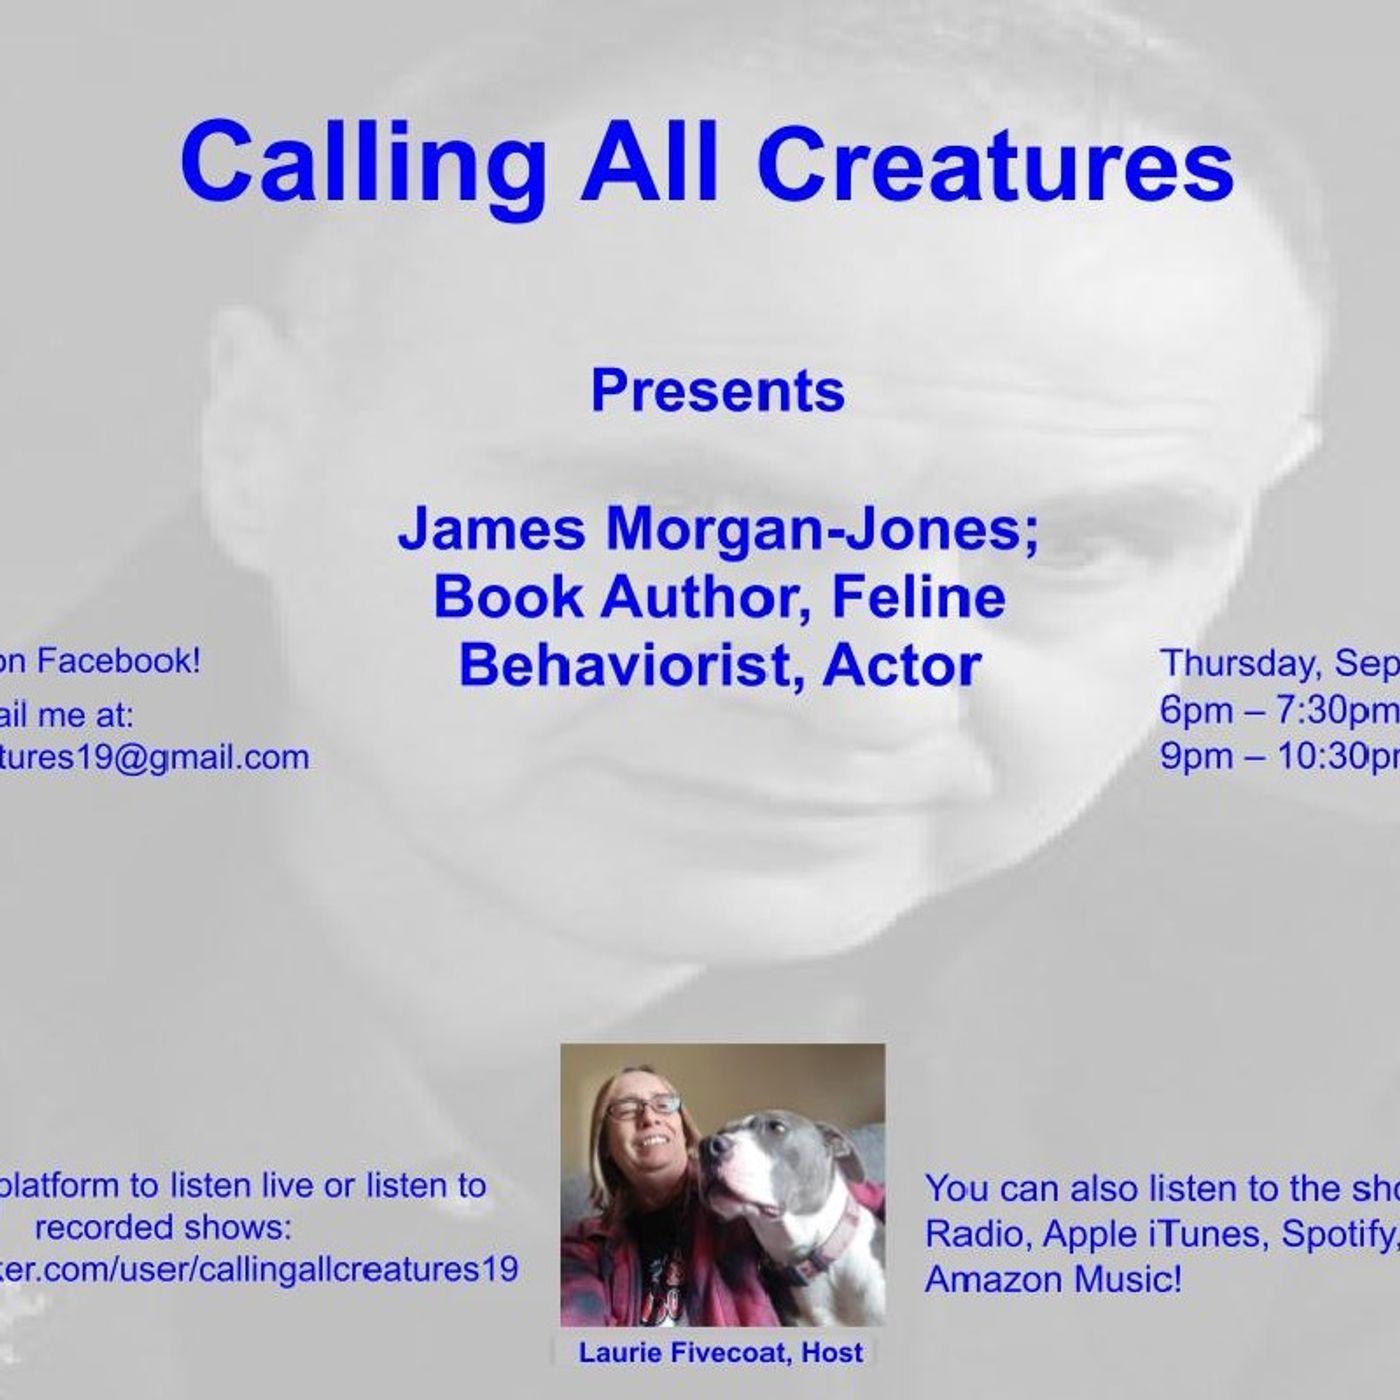 Calling All Creatures Presents James Morgan-Jones